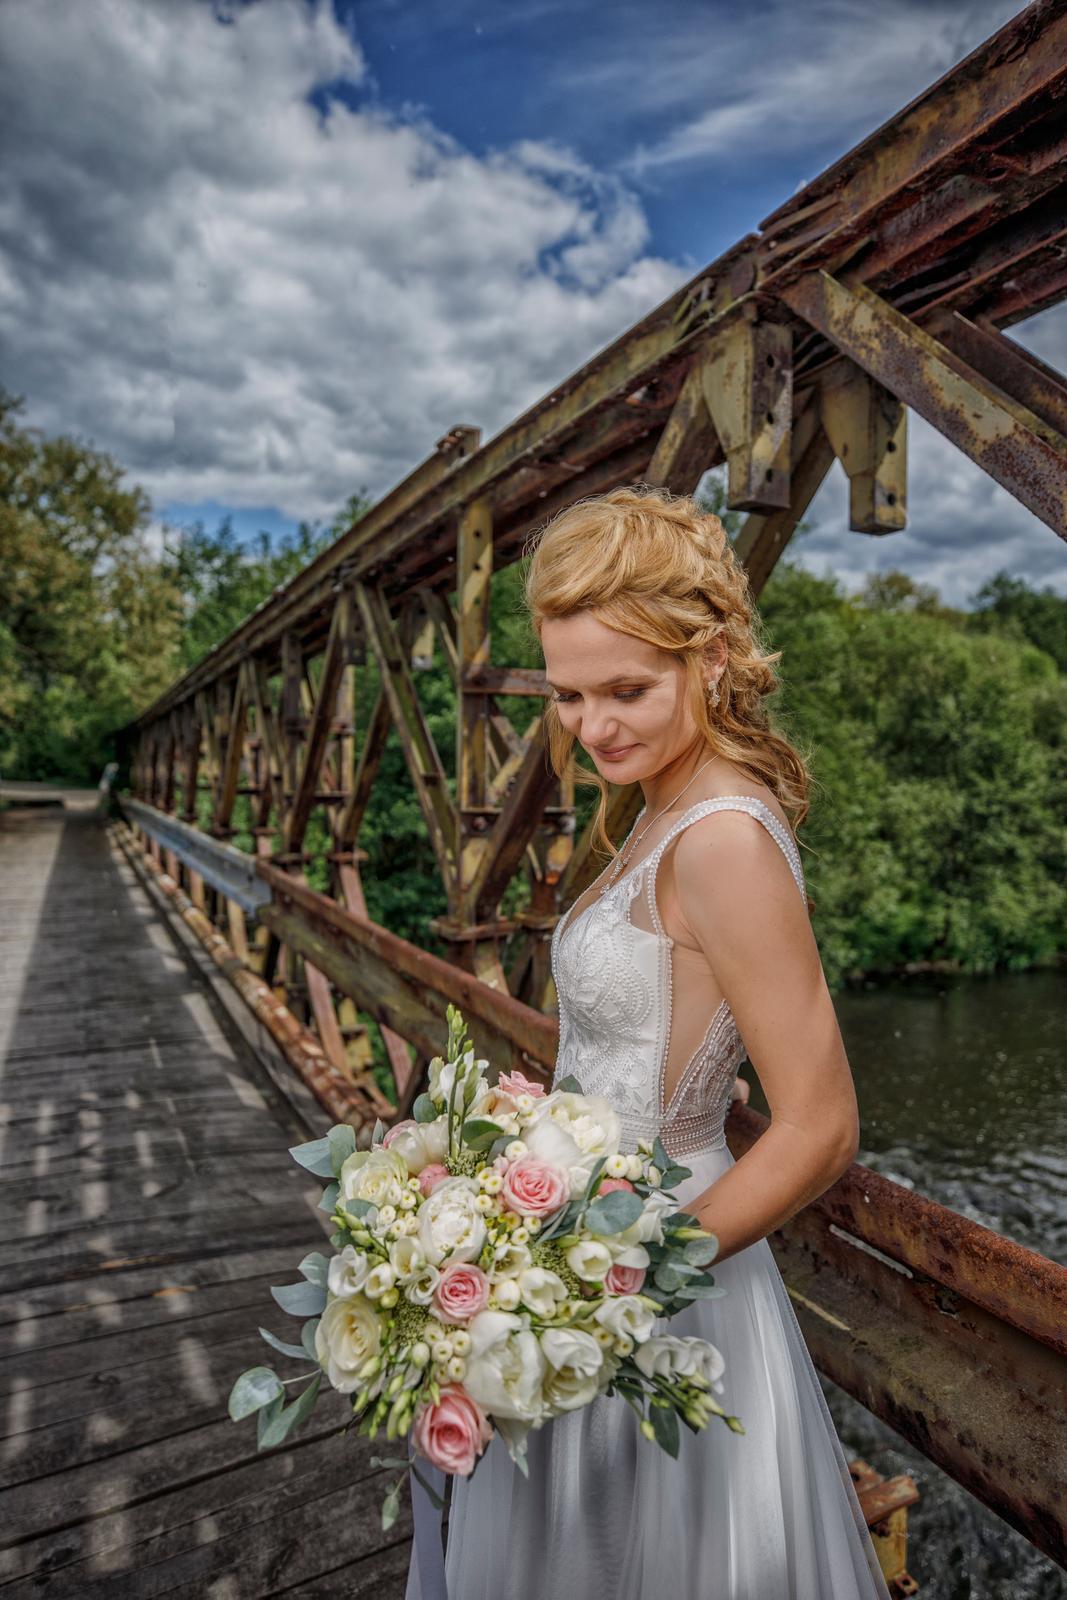 weddingsphoto_cz - Obrázek č. 8